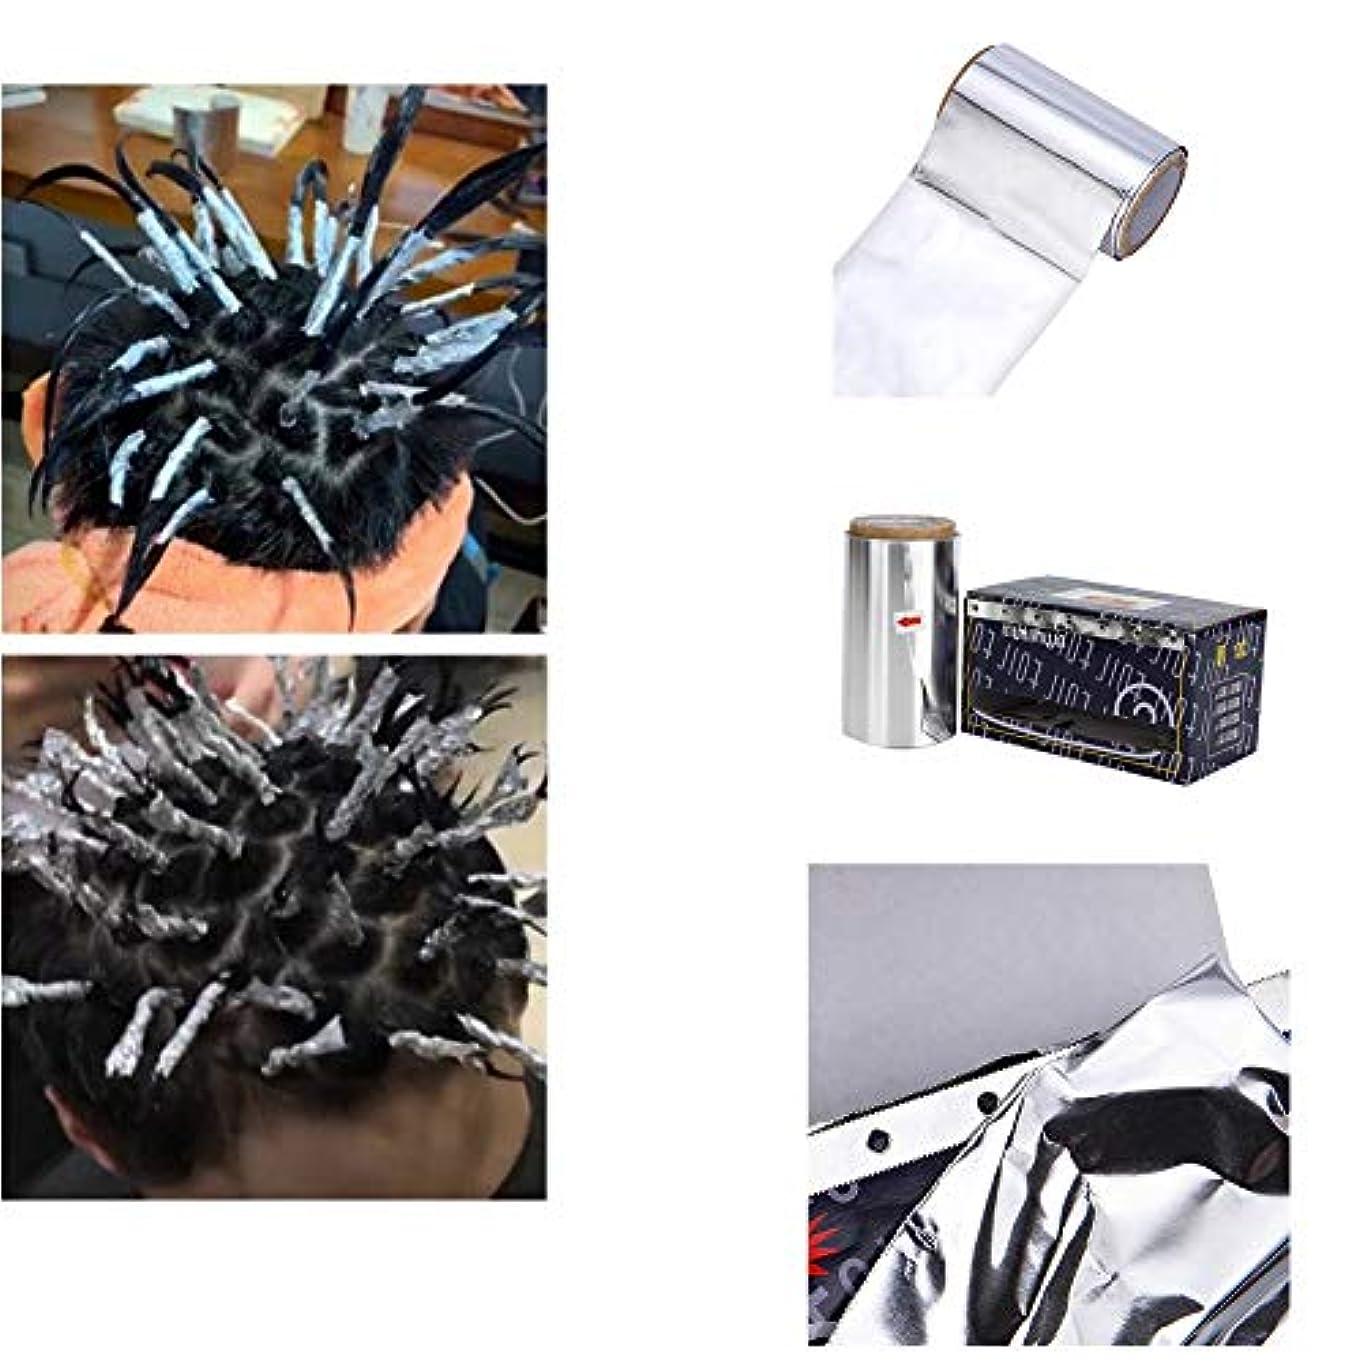 注入解凍する、雪解け、霜解けメナジェリーACHICOO アルミ箔 テープ 耐熱性 理髪 美髪 用品 ヘアパーマスタイリング ツール ヘアカラー